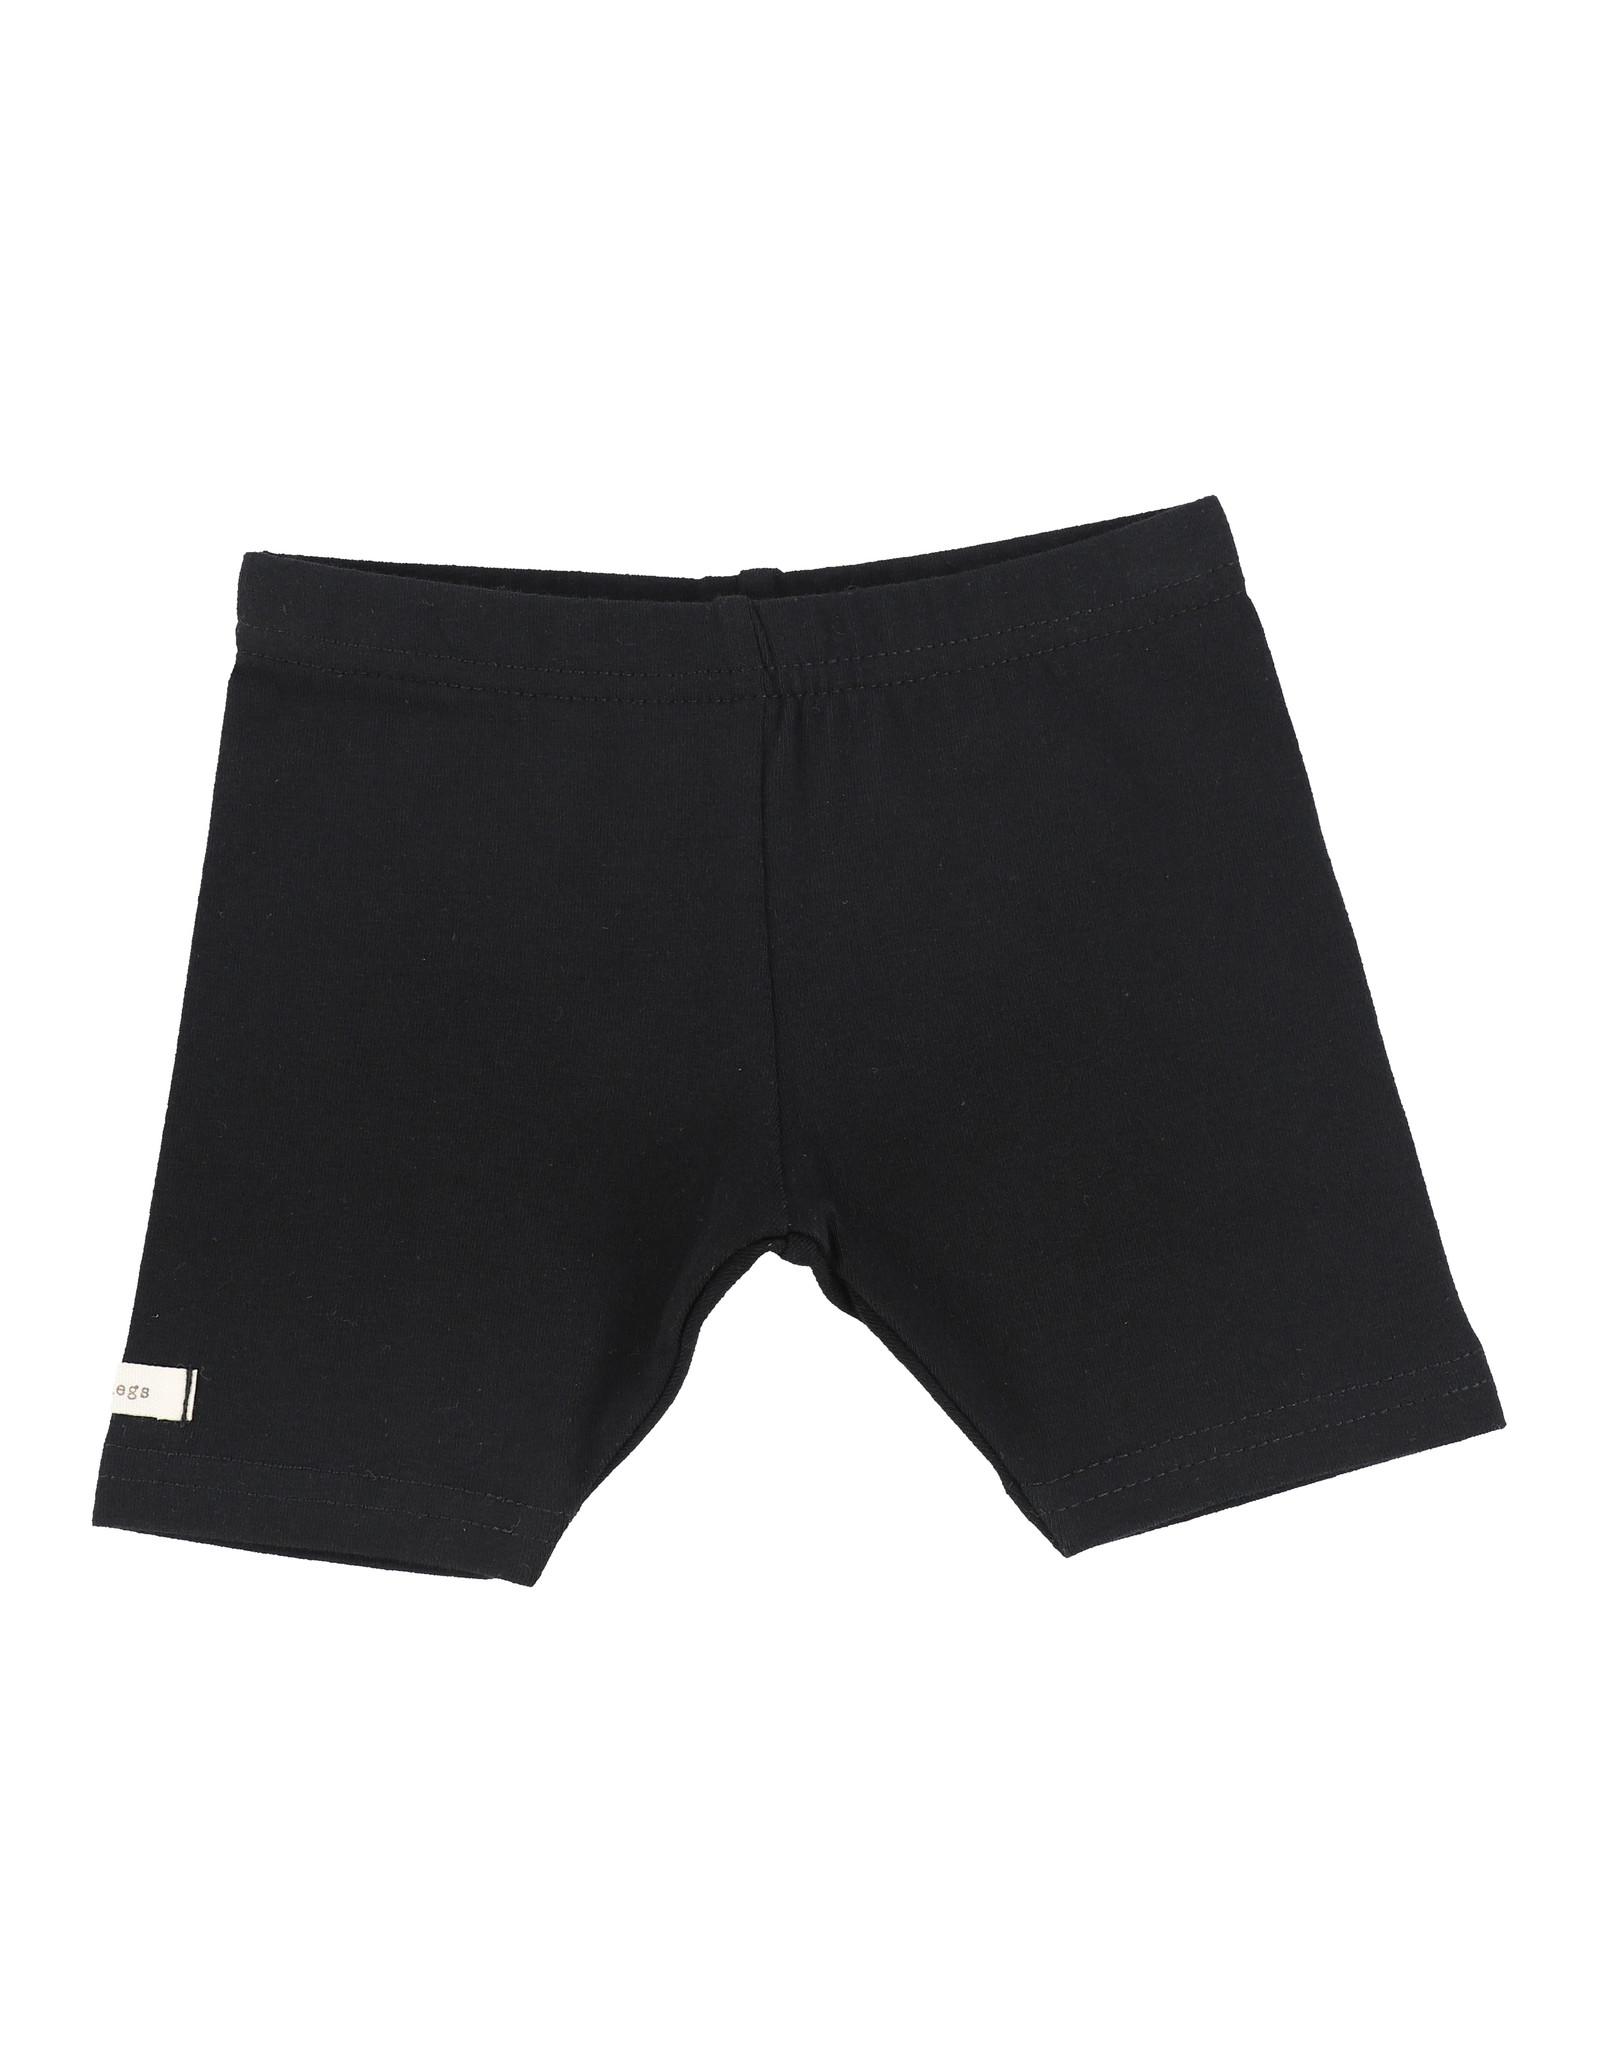 LIL LEGS Lil Legs Cotton Shorts Basic Colors